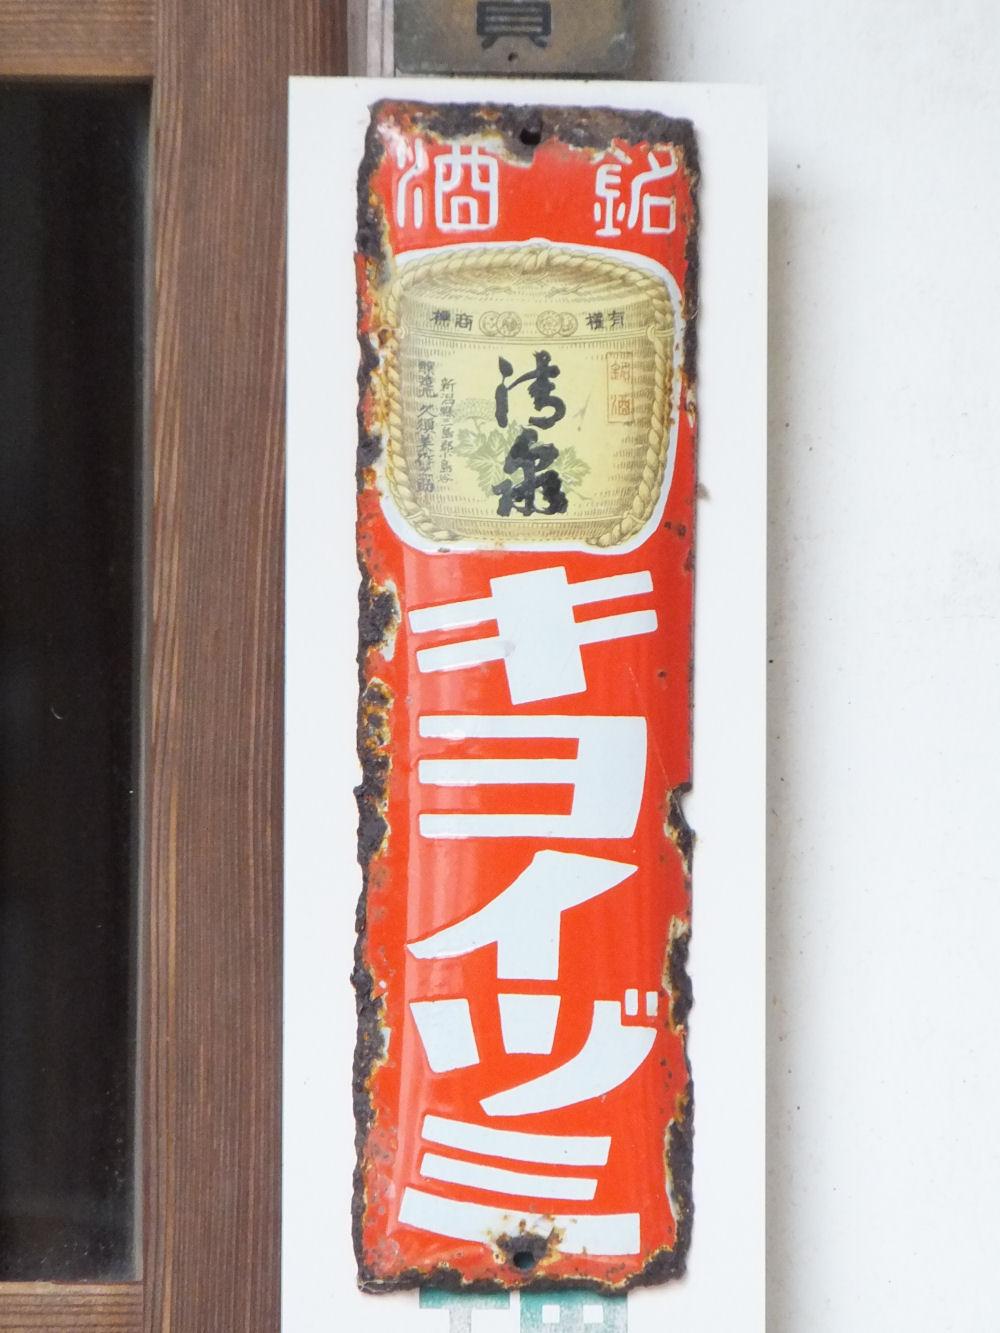 DSCF5858.JPG